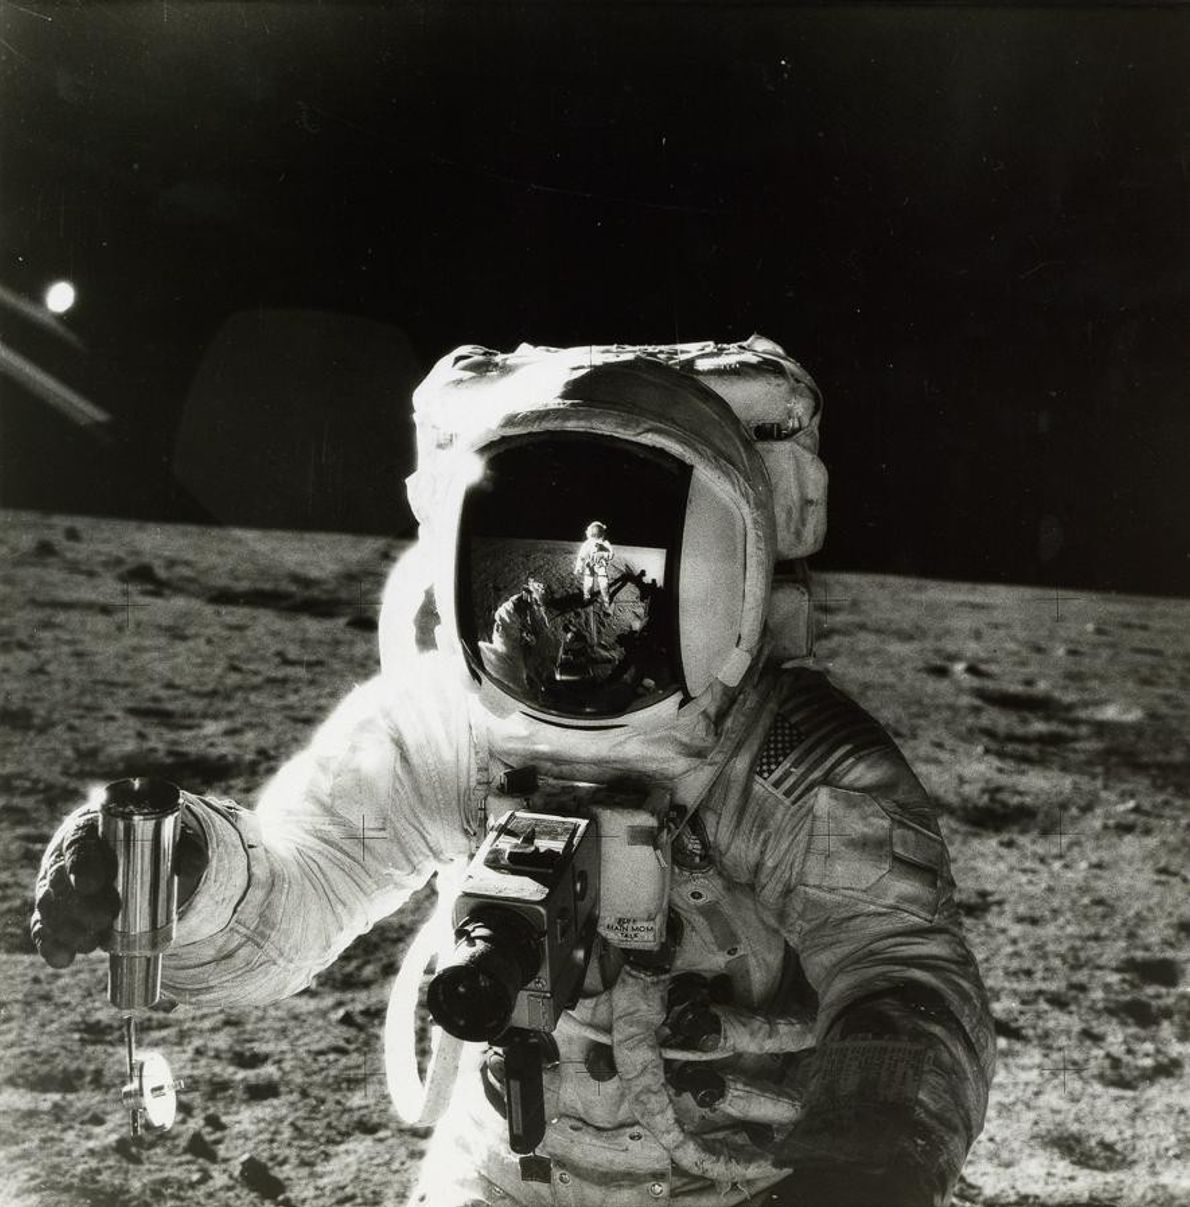 Sur cette photo prise en 1969 lors de la mission Apollo 12, l'astronaute Alan Bean tient ...